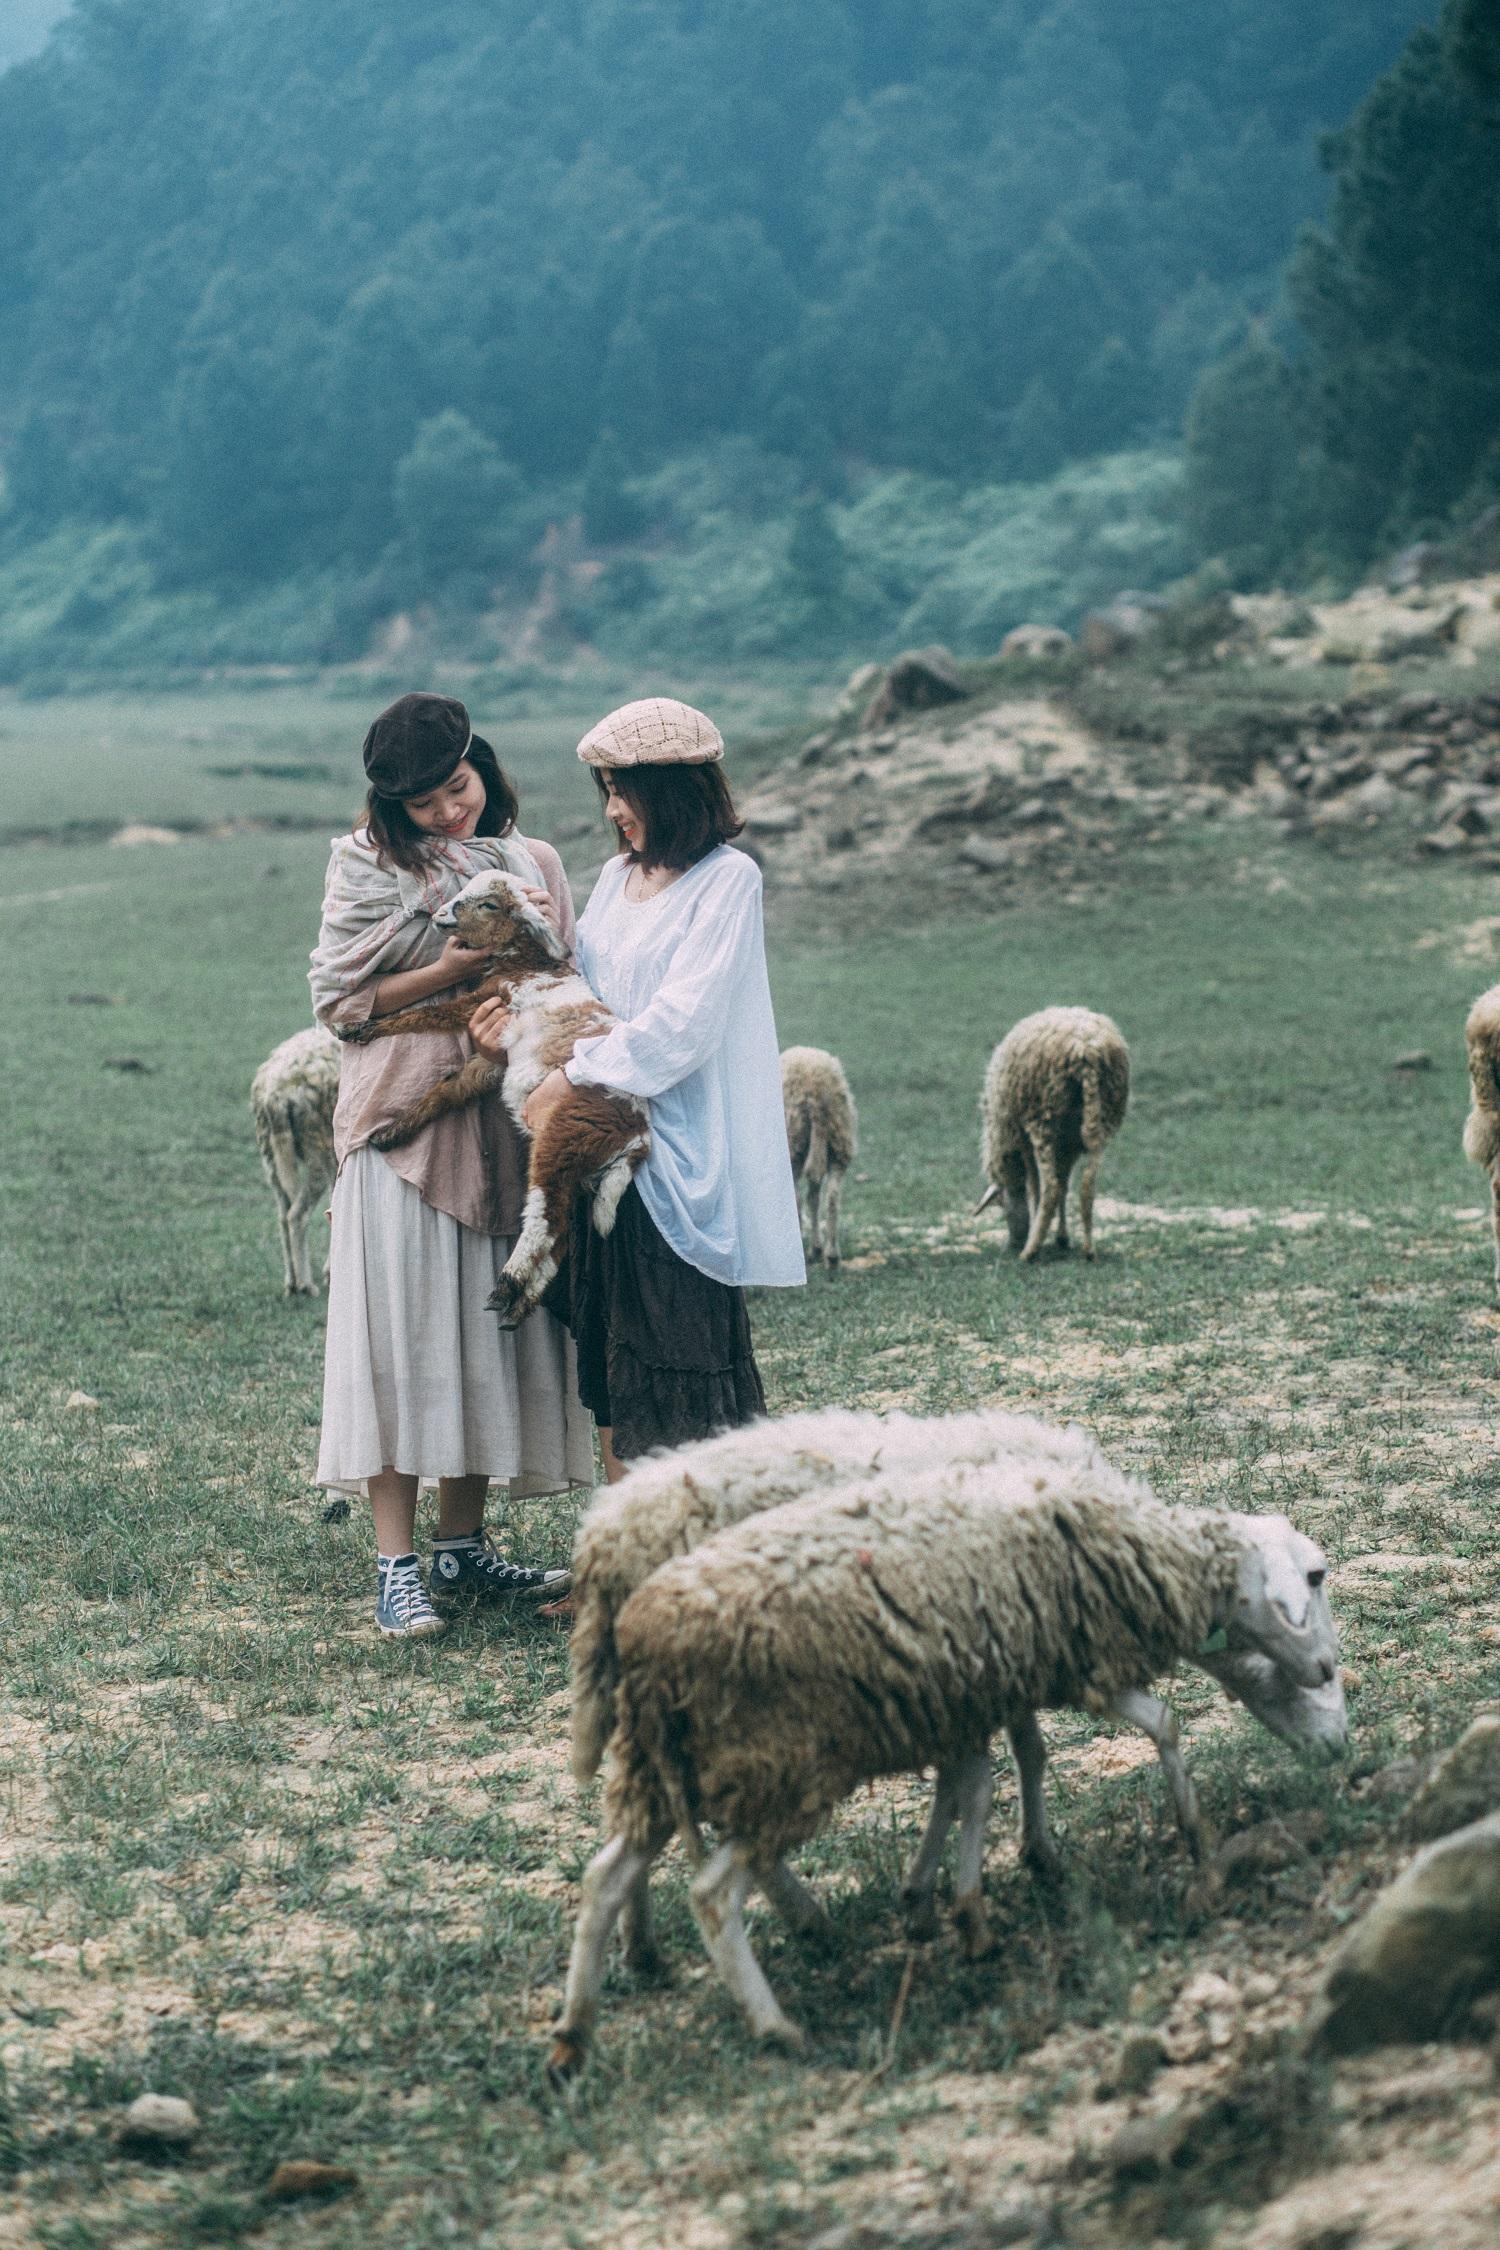 địa điểm du lịch nghệ an: cánh đồng nuôi cừu-01